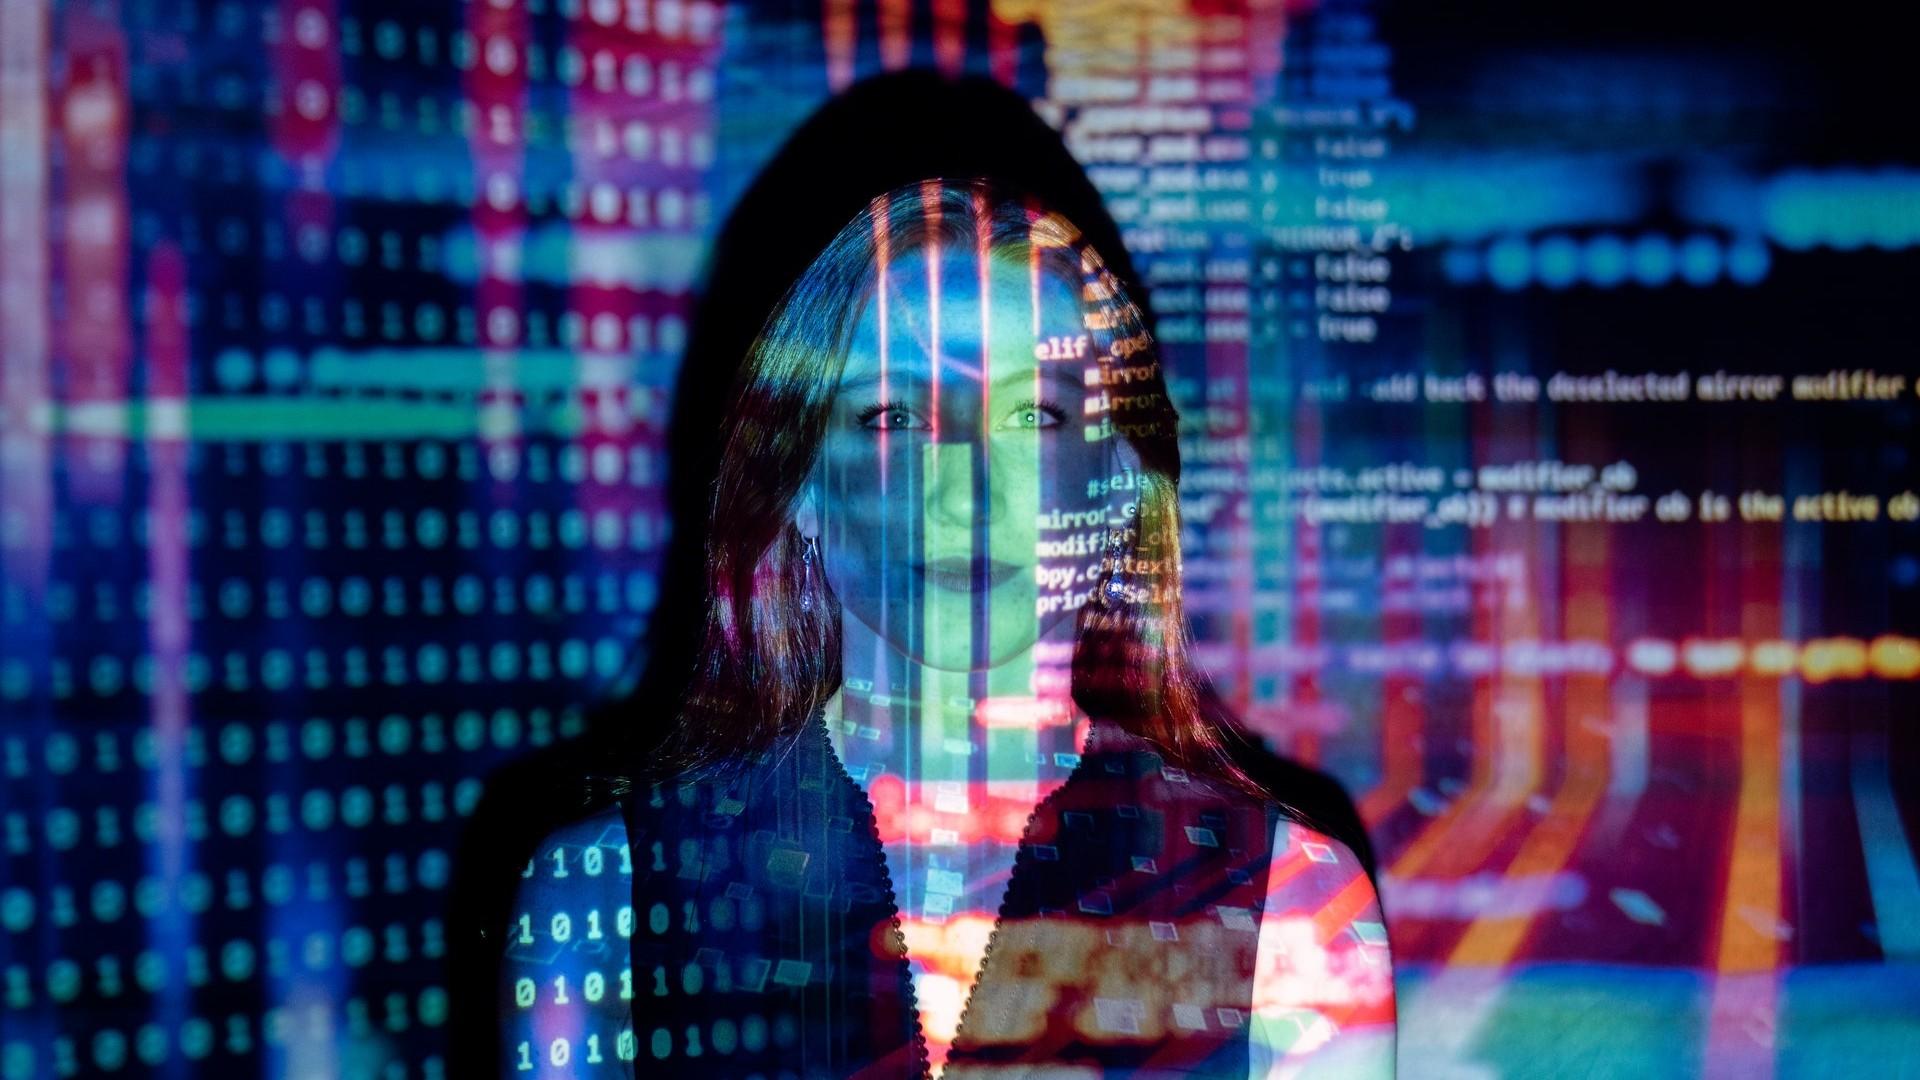 Cette IA génère un « génome artificiel » : de l'ADN humain qui n'appartient à personne - Numerama